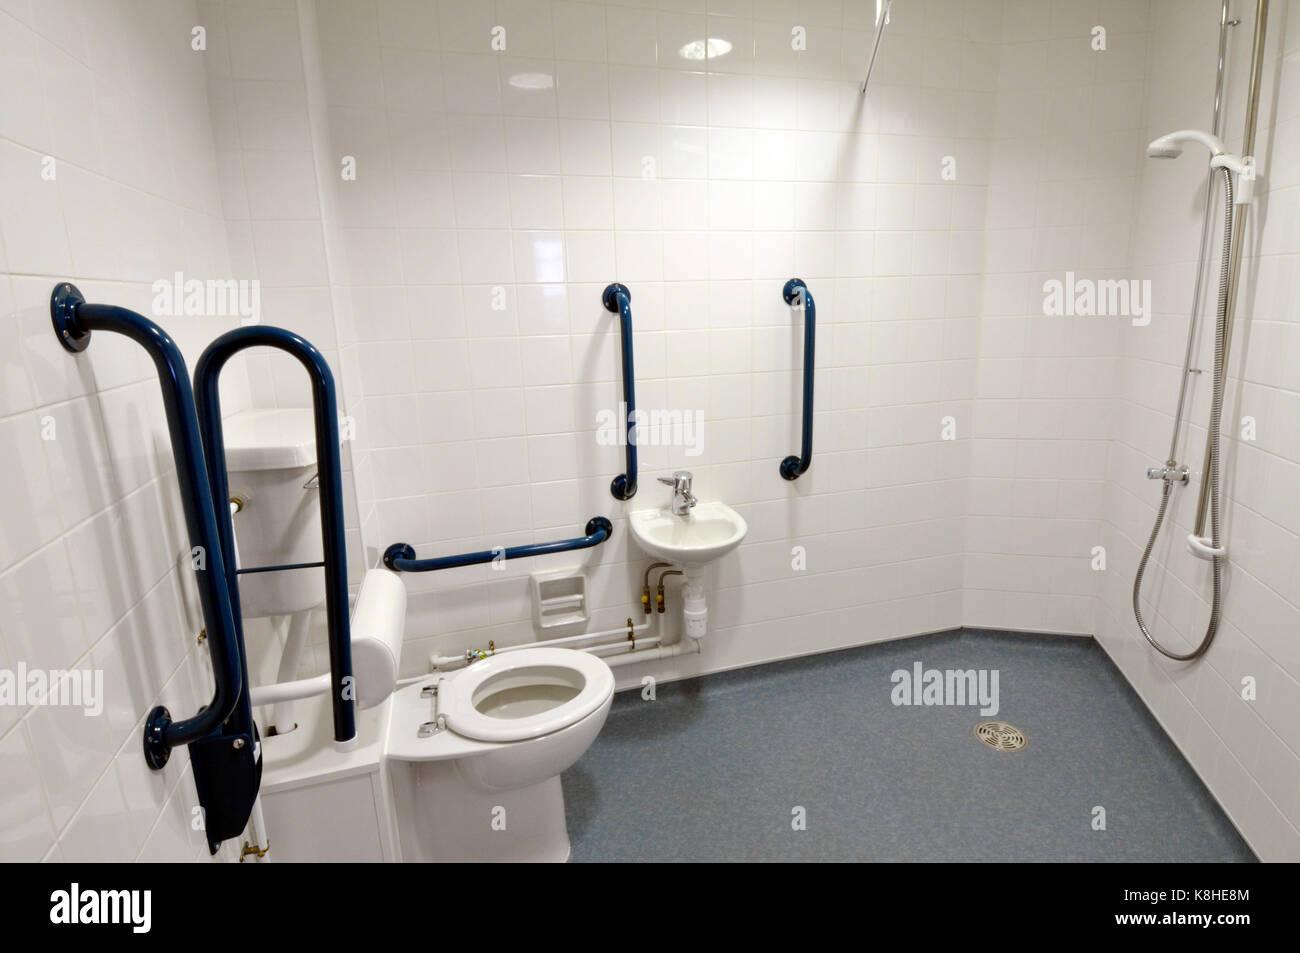 Toilettes et salles de lavage dans un immeuble de bureaux modernes